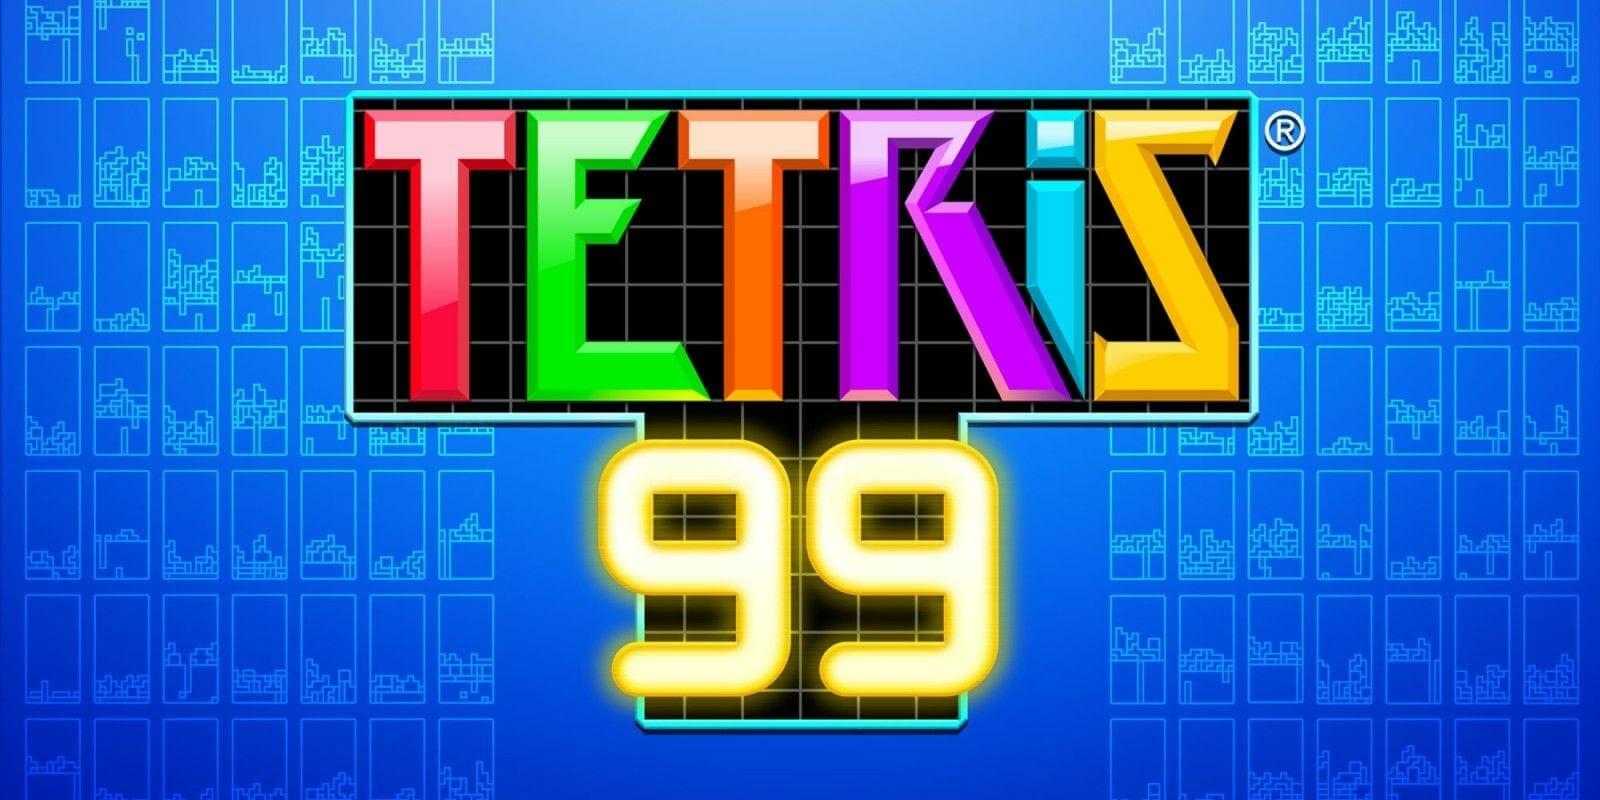 Tetris 99 Release Date for EU